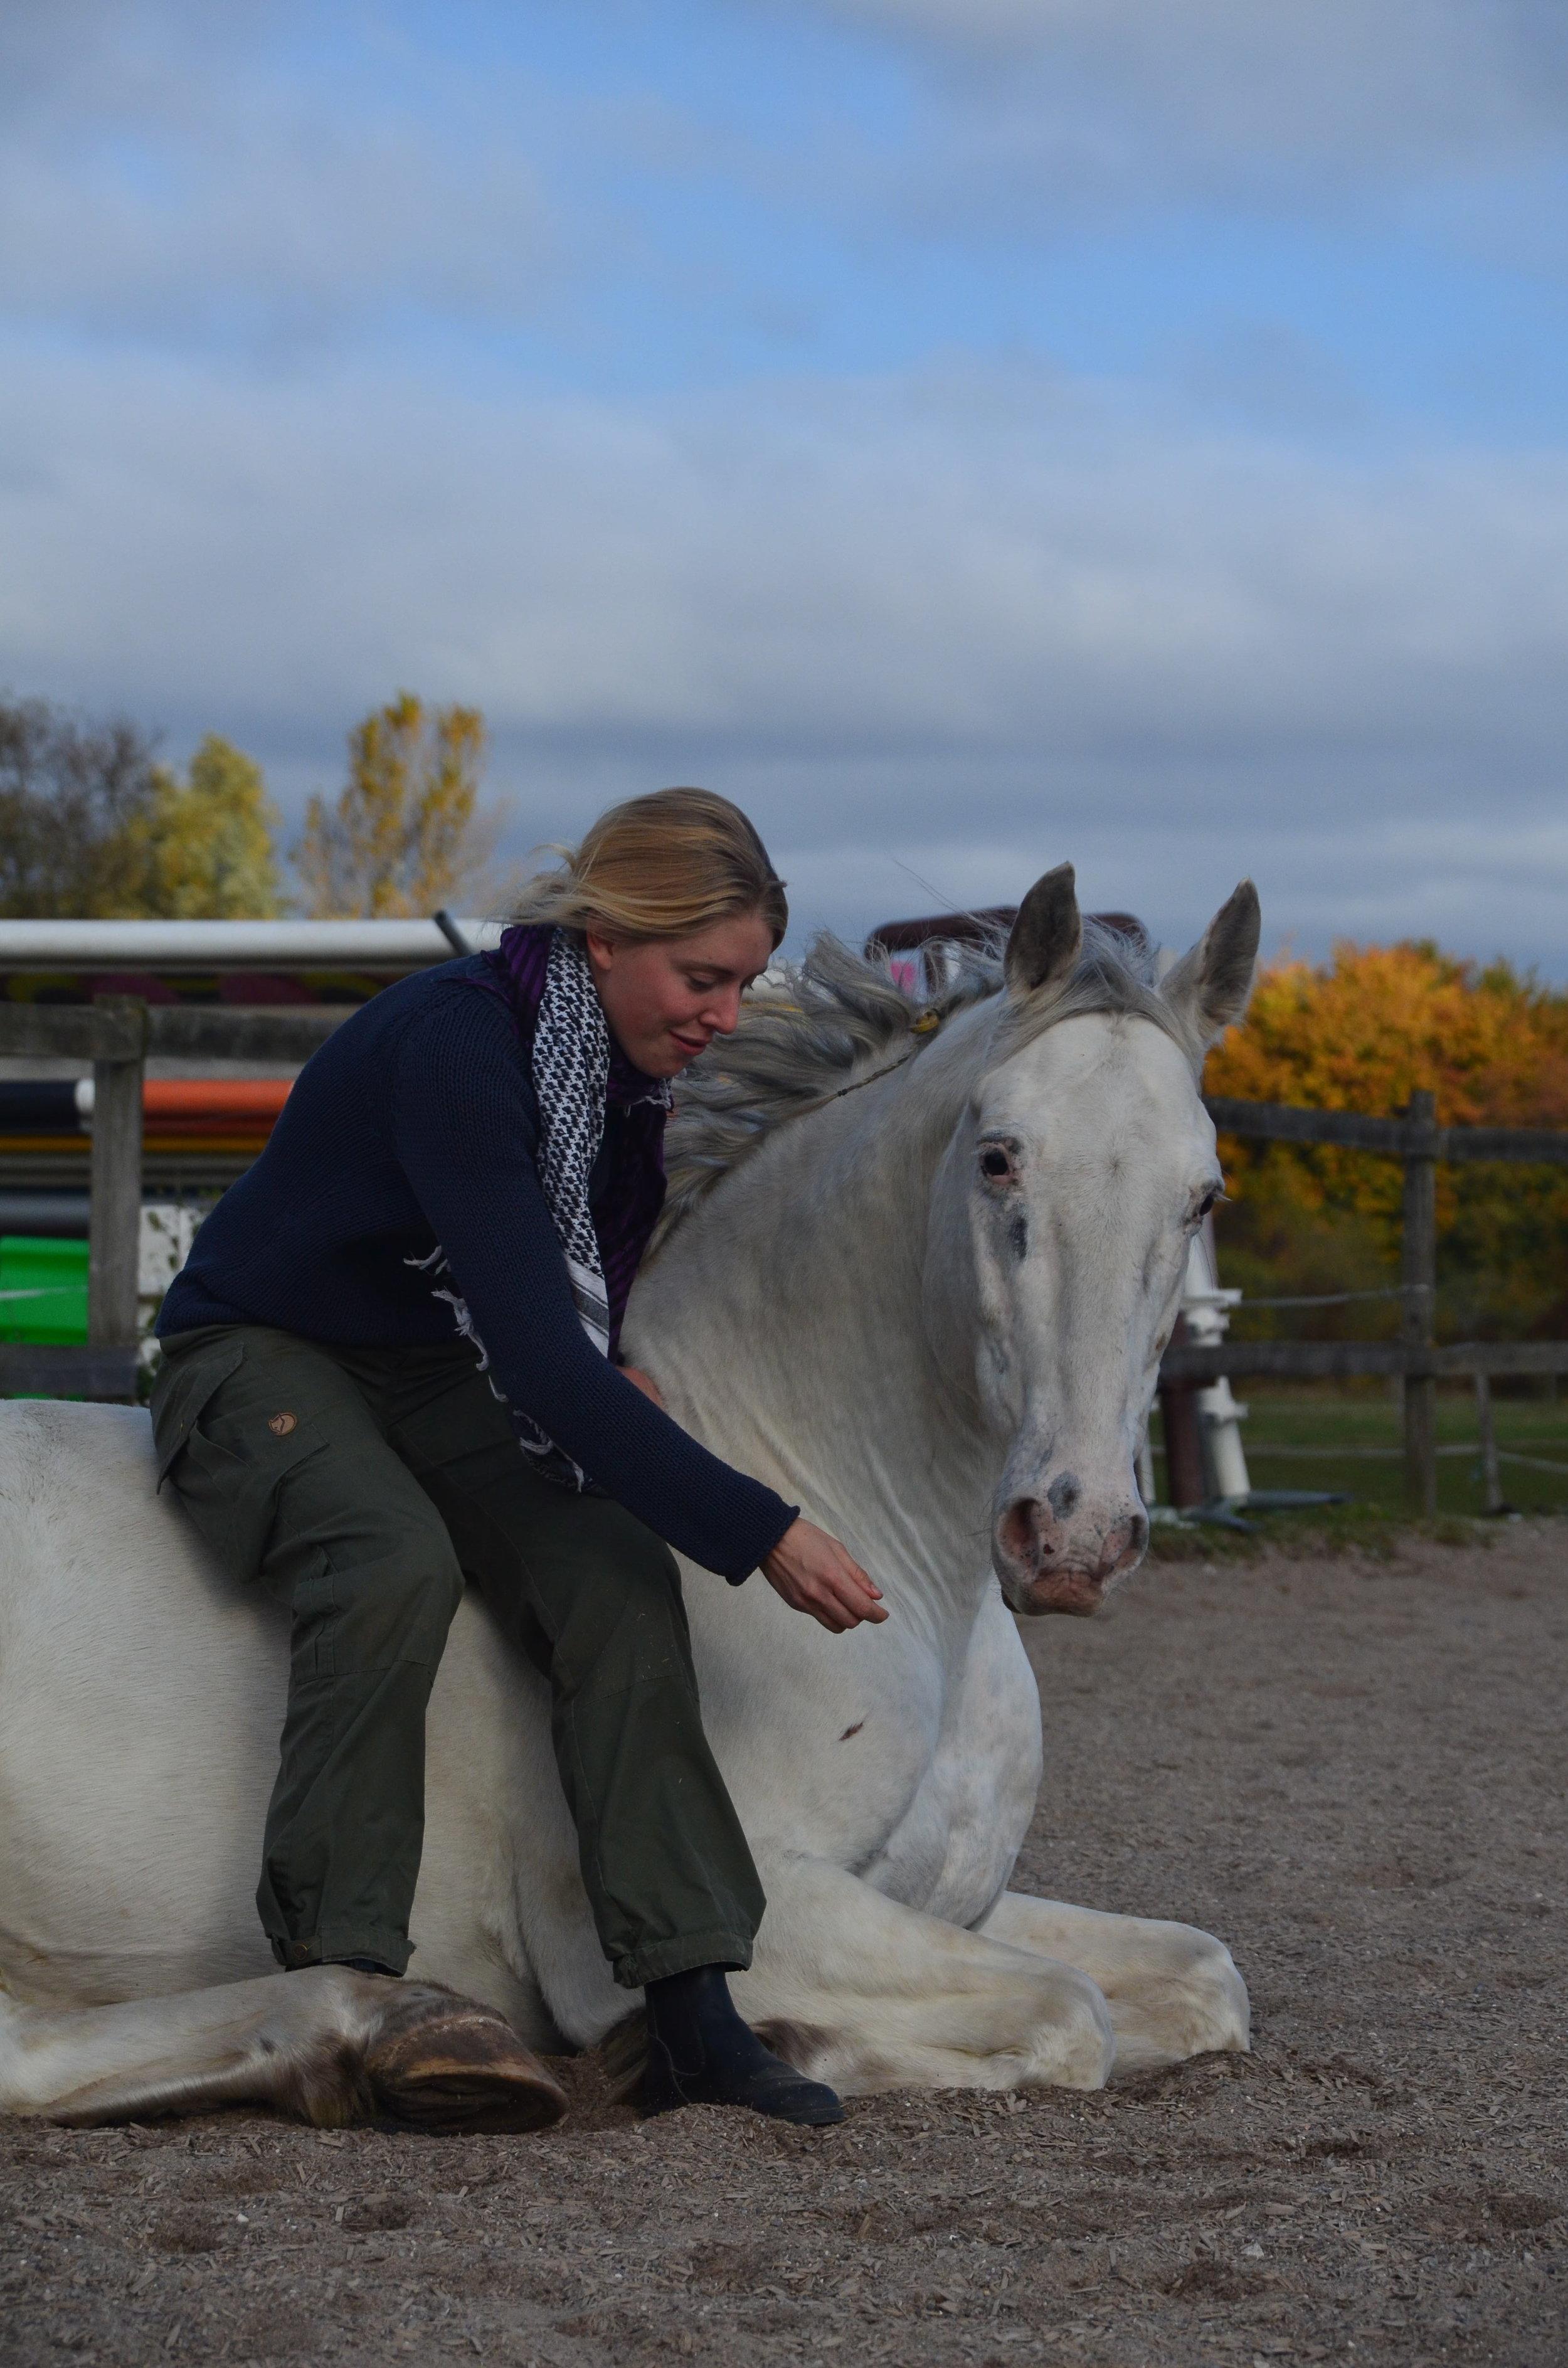 Heste i træning - Min træning er vidensbaseret og mit fokus er på hestens indlæring, biomekanik og fysiske formåen. Jeg fokuserer på at skabe gode positive associationer for hesten til arbejdet, samt at skabe gode og stabile basissignaler. Al træning bliver udført i et tempo, så hesten kan følge med fysisk og mentalt.Jeg tager alle typer af heste i træning. Det vigtigste for mig før træningen er en god og åben kommunikation med ejer og en grundig forventningsafstemning, og vi lægger sammen en plan for træningen af din hest. Hesten vil blive opstaldet på Skovly Ridecenter i Køge. Du er velkommen til at henvende dig til mig, så vi kan finde den bedste opstaldningsløsning for din hest.Prisen er fra 5000,- kr pr måned og inkluderer opstaldning.